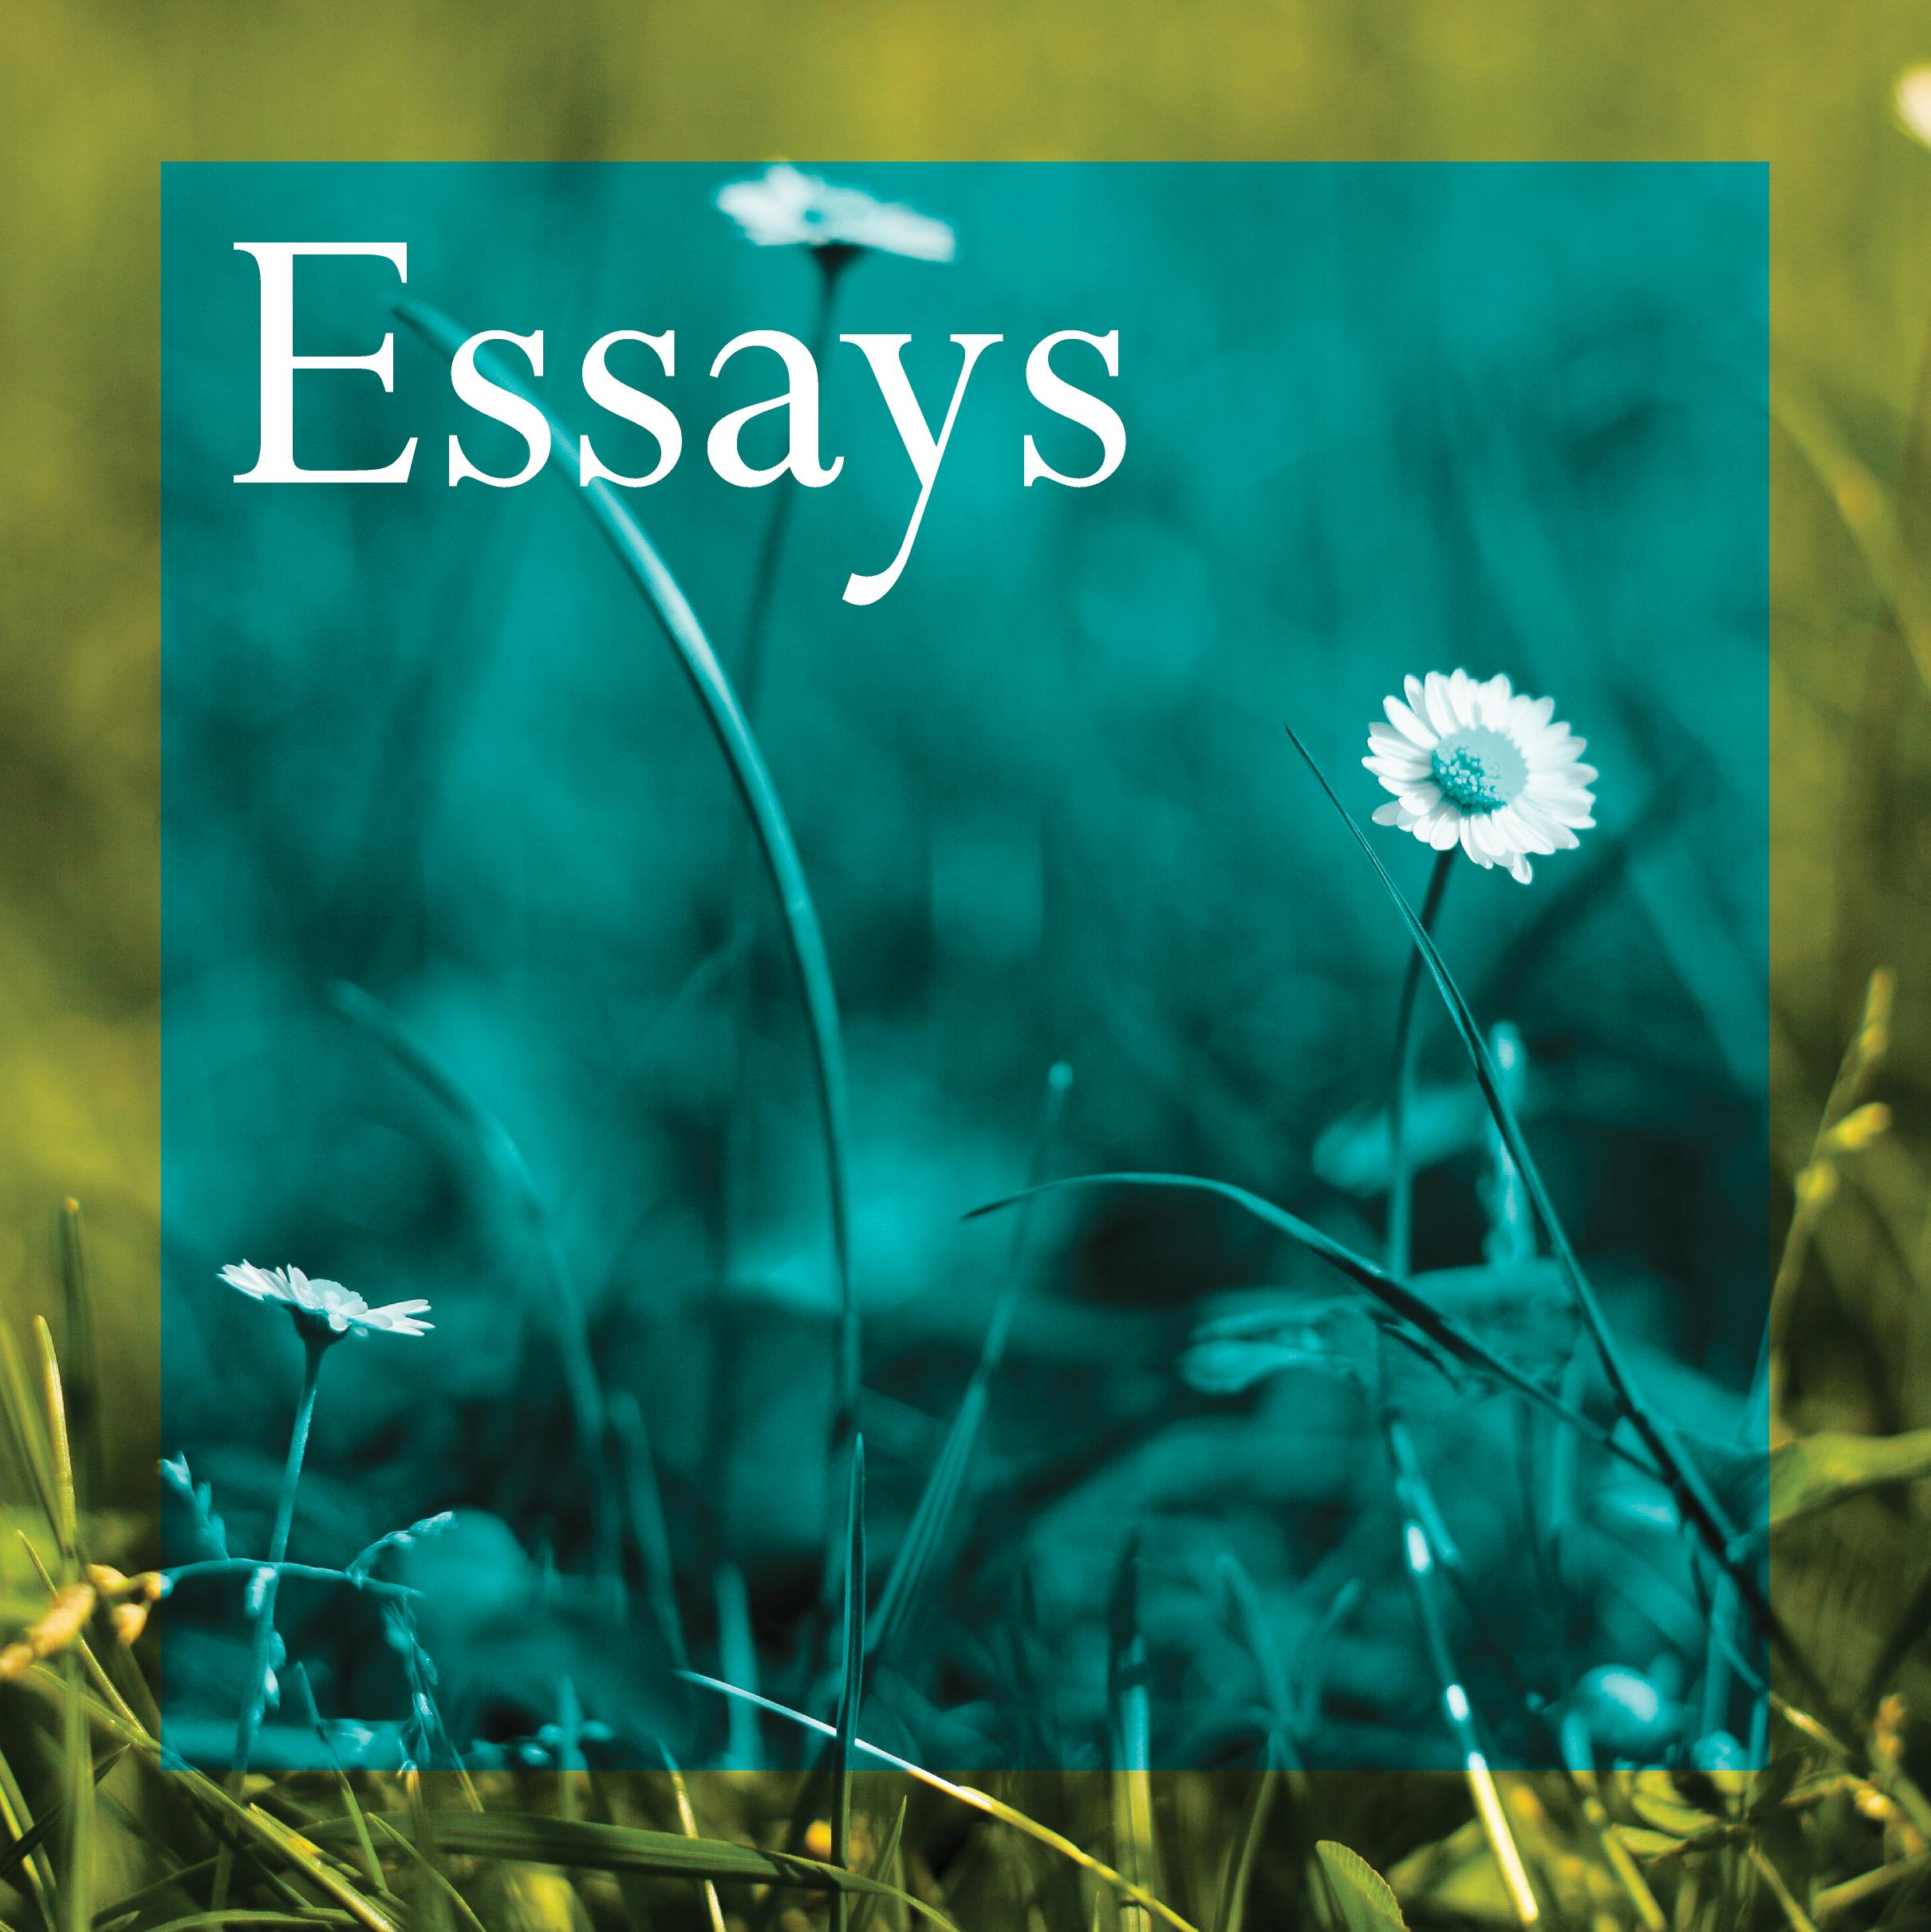 essaysfinal.jpg